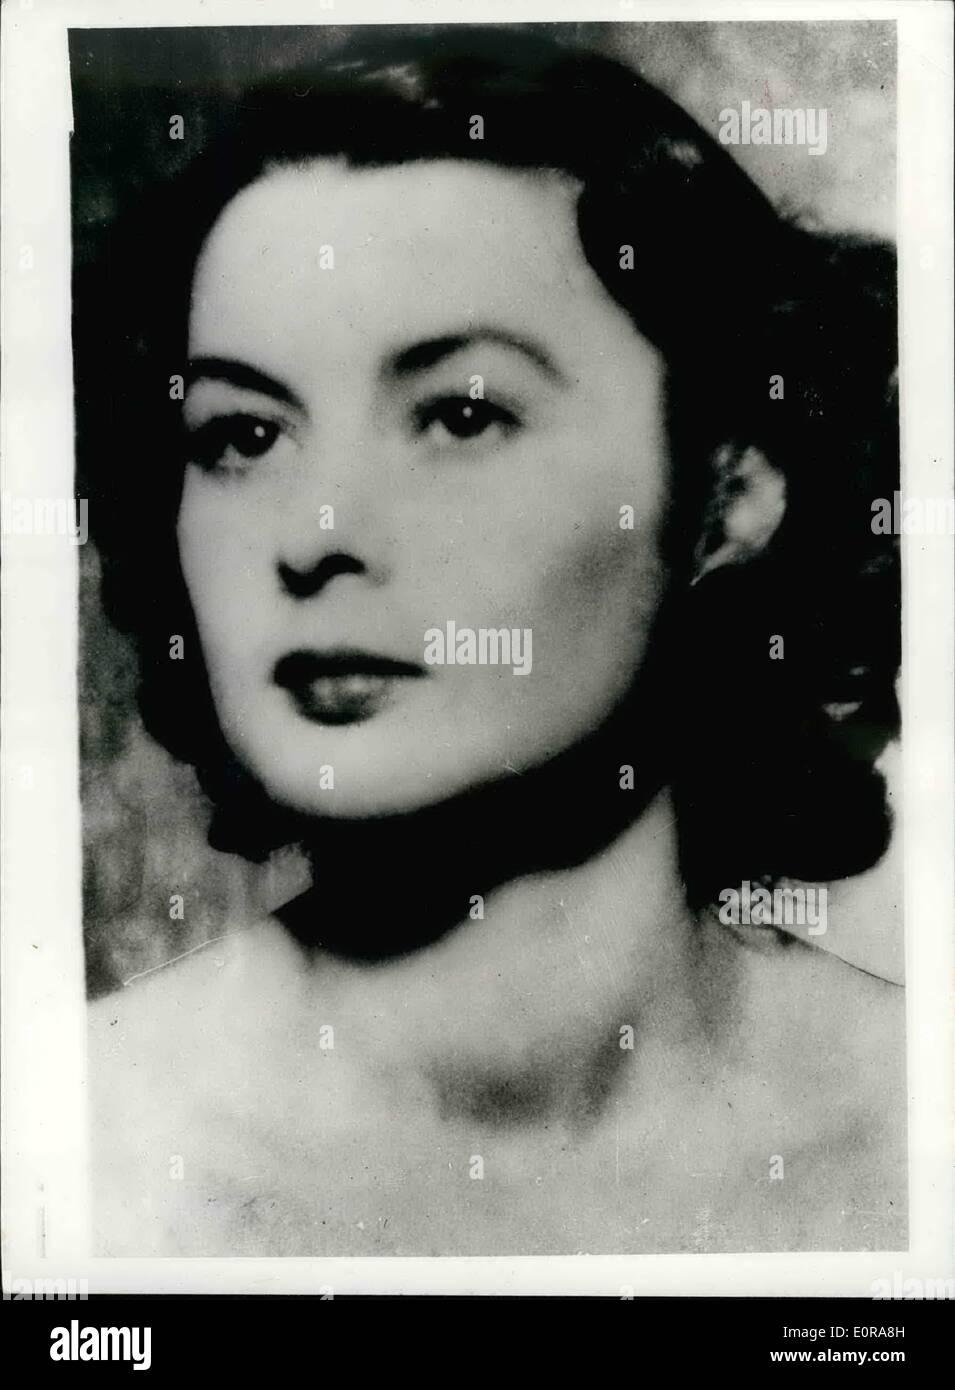 11. November 1958 - Erziehungsbeihilfe verwaiste Tochter des Kriegsheldin in Gefahr, reduziert Fragen im Haus.: Stockbild